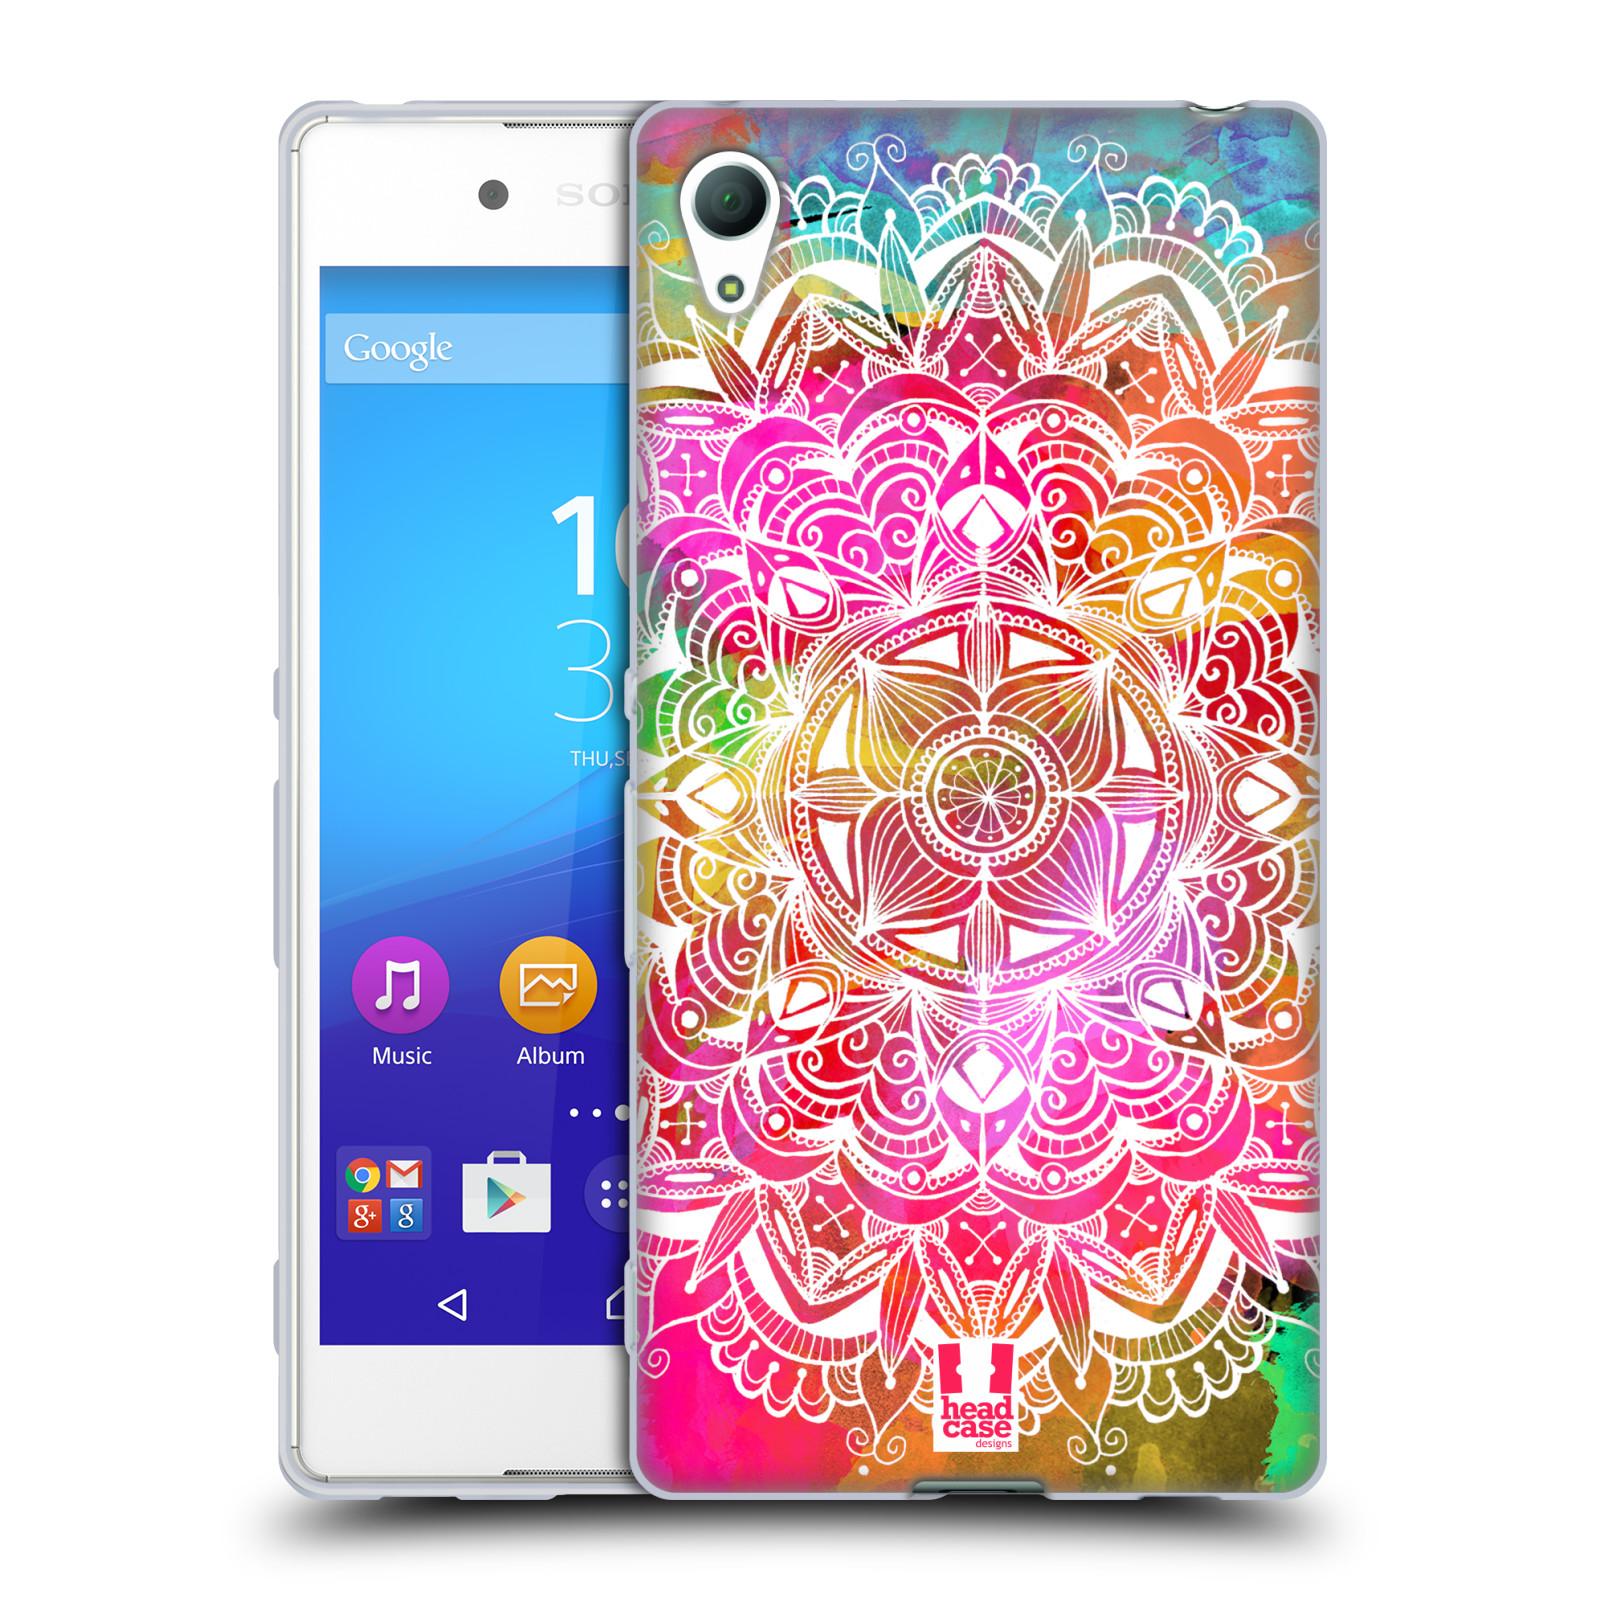 Silikonové pouzdro na mobil Sony Xperia Z3+ (Plus) HEAD CASE Mandala Doodle Watercolour (Silikonový kryt či obal na mobilní telefon Sony Xperia Z3+ / Z4 E6553)